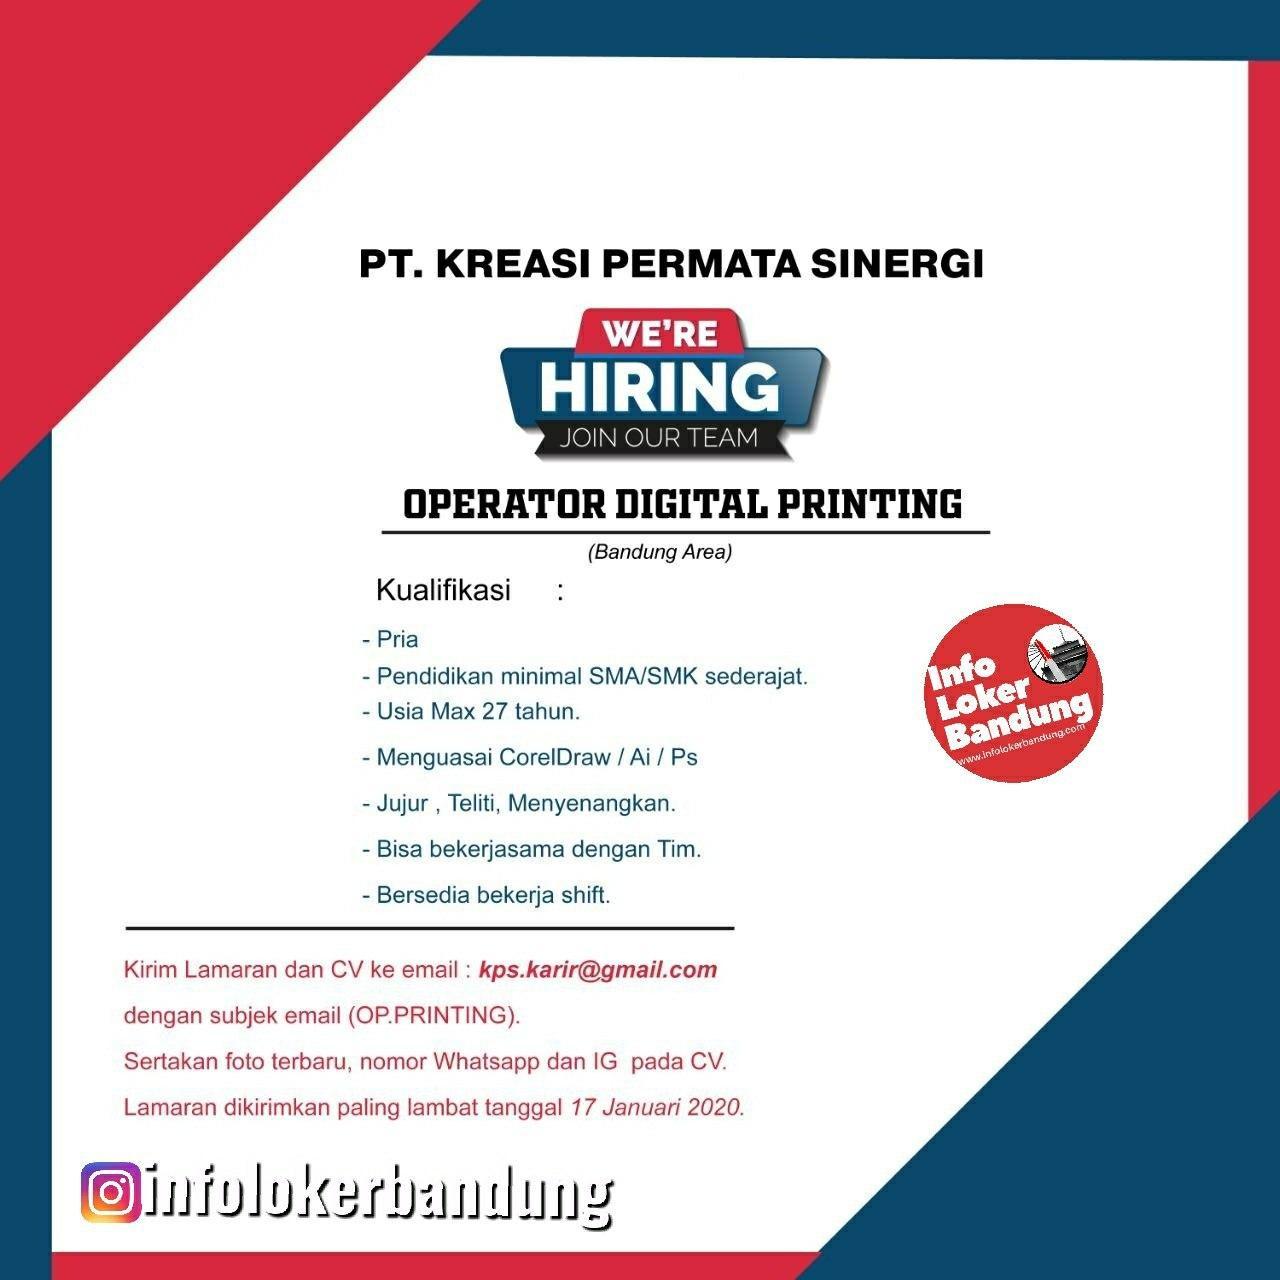 Lowongan Kerja PT. Kreasi Permata Sinergi Bandung Januari 2020